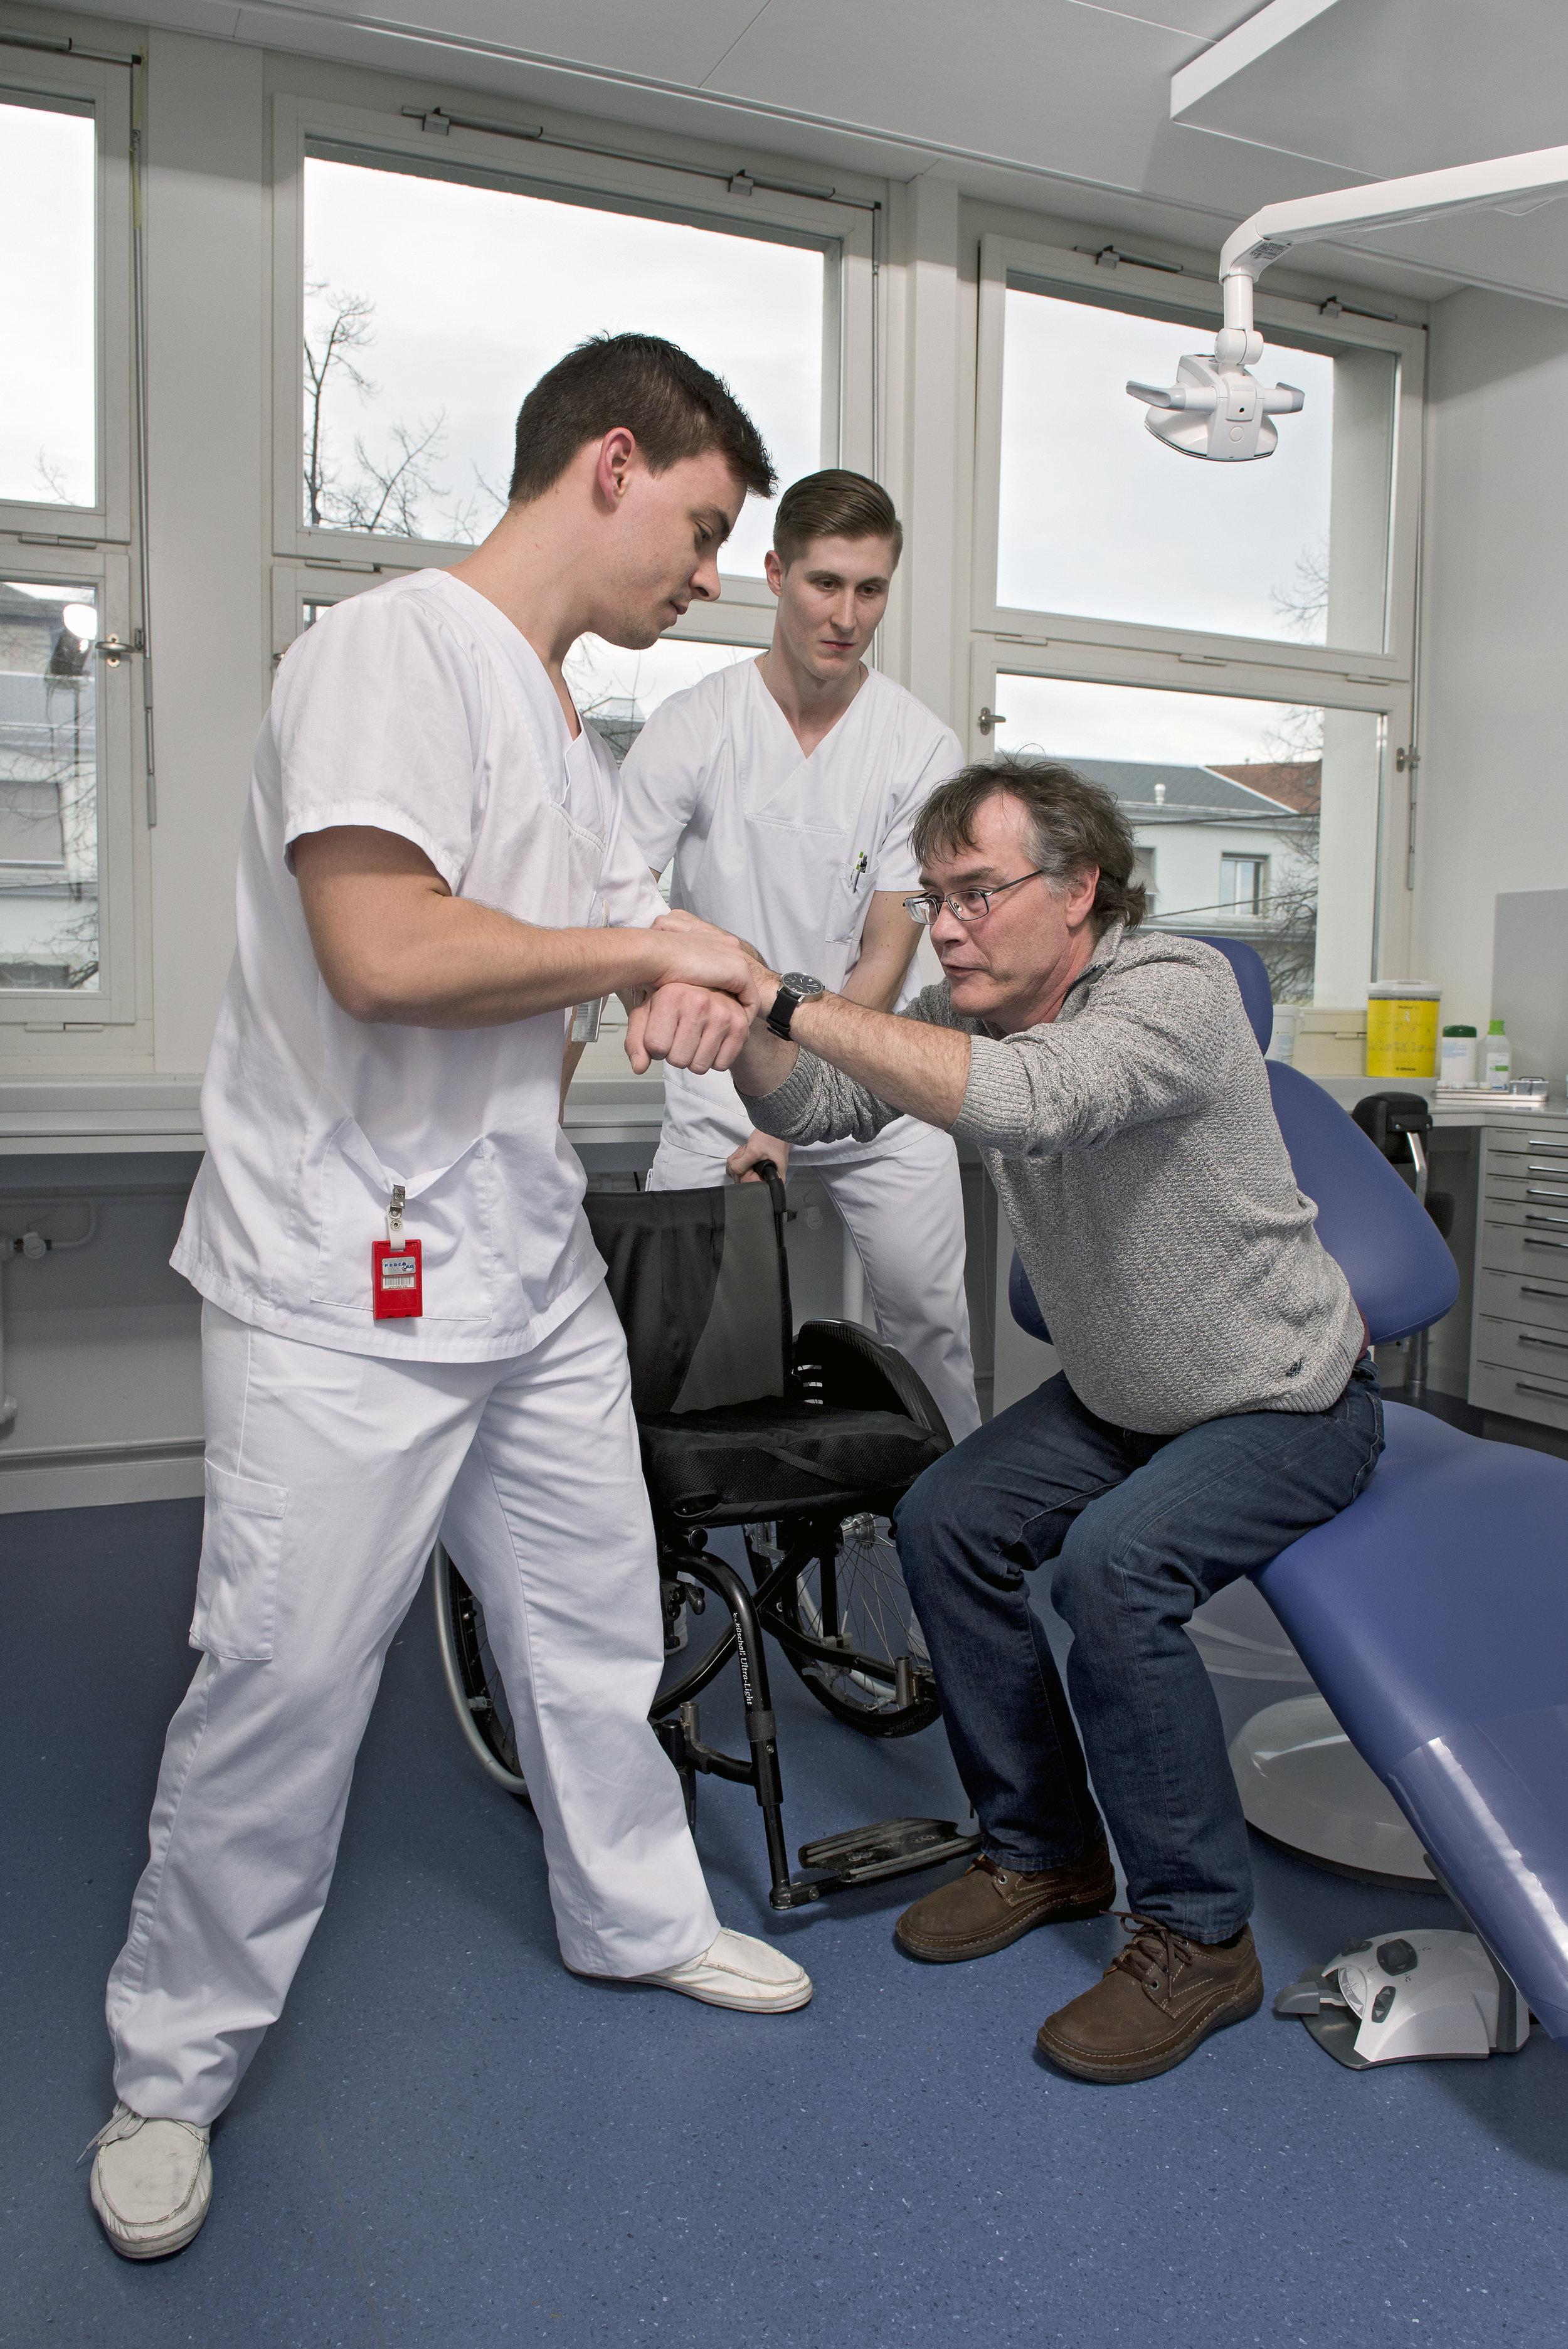 Ein Student hilft einem Mann mit Gehbehinderung beim Umsitzen vom Behandlungs- auf den Rollstuhl.